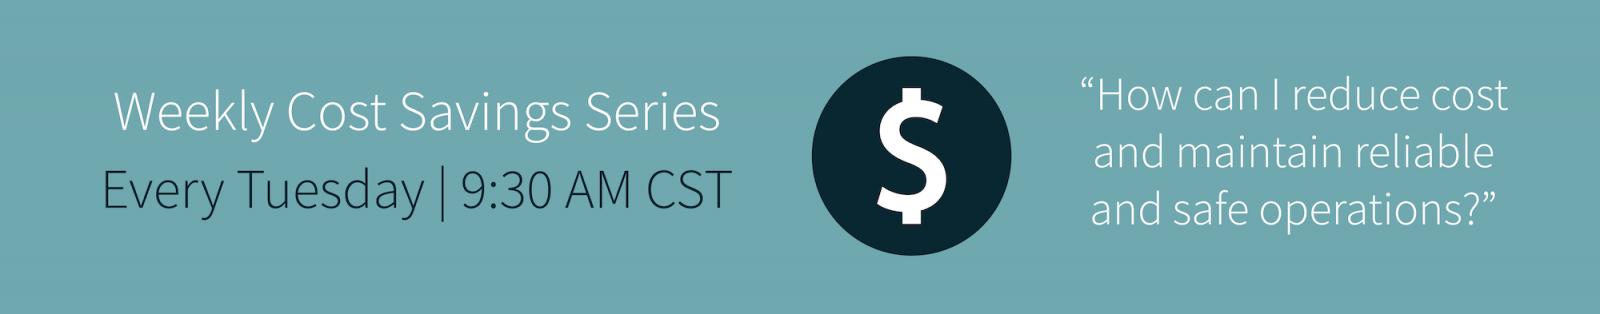 PinnacleART Weekly Cost Savings Series